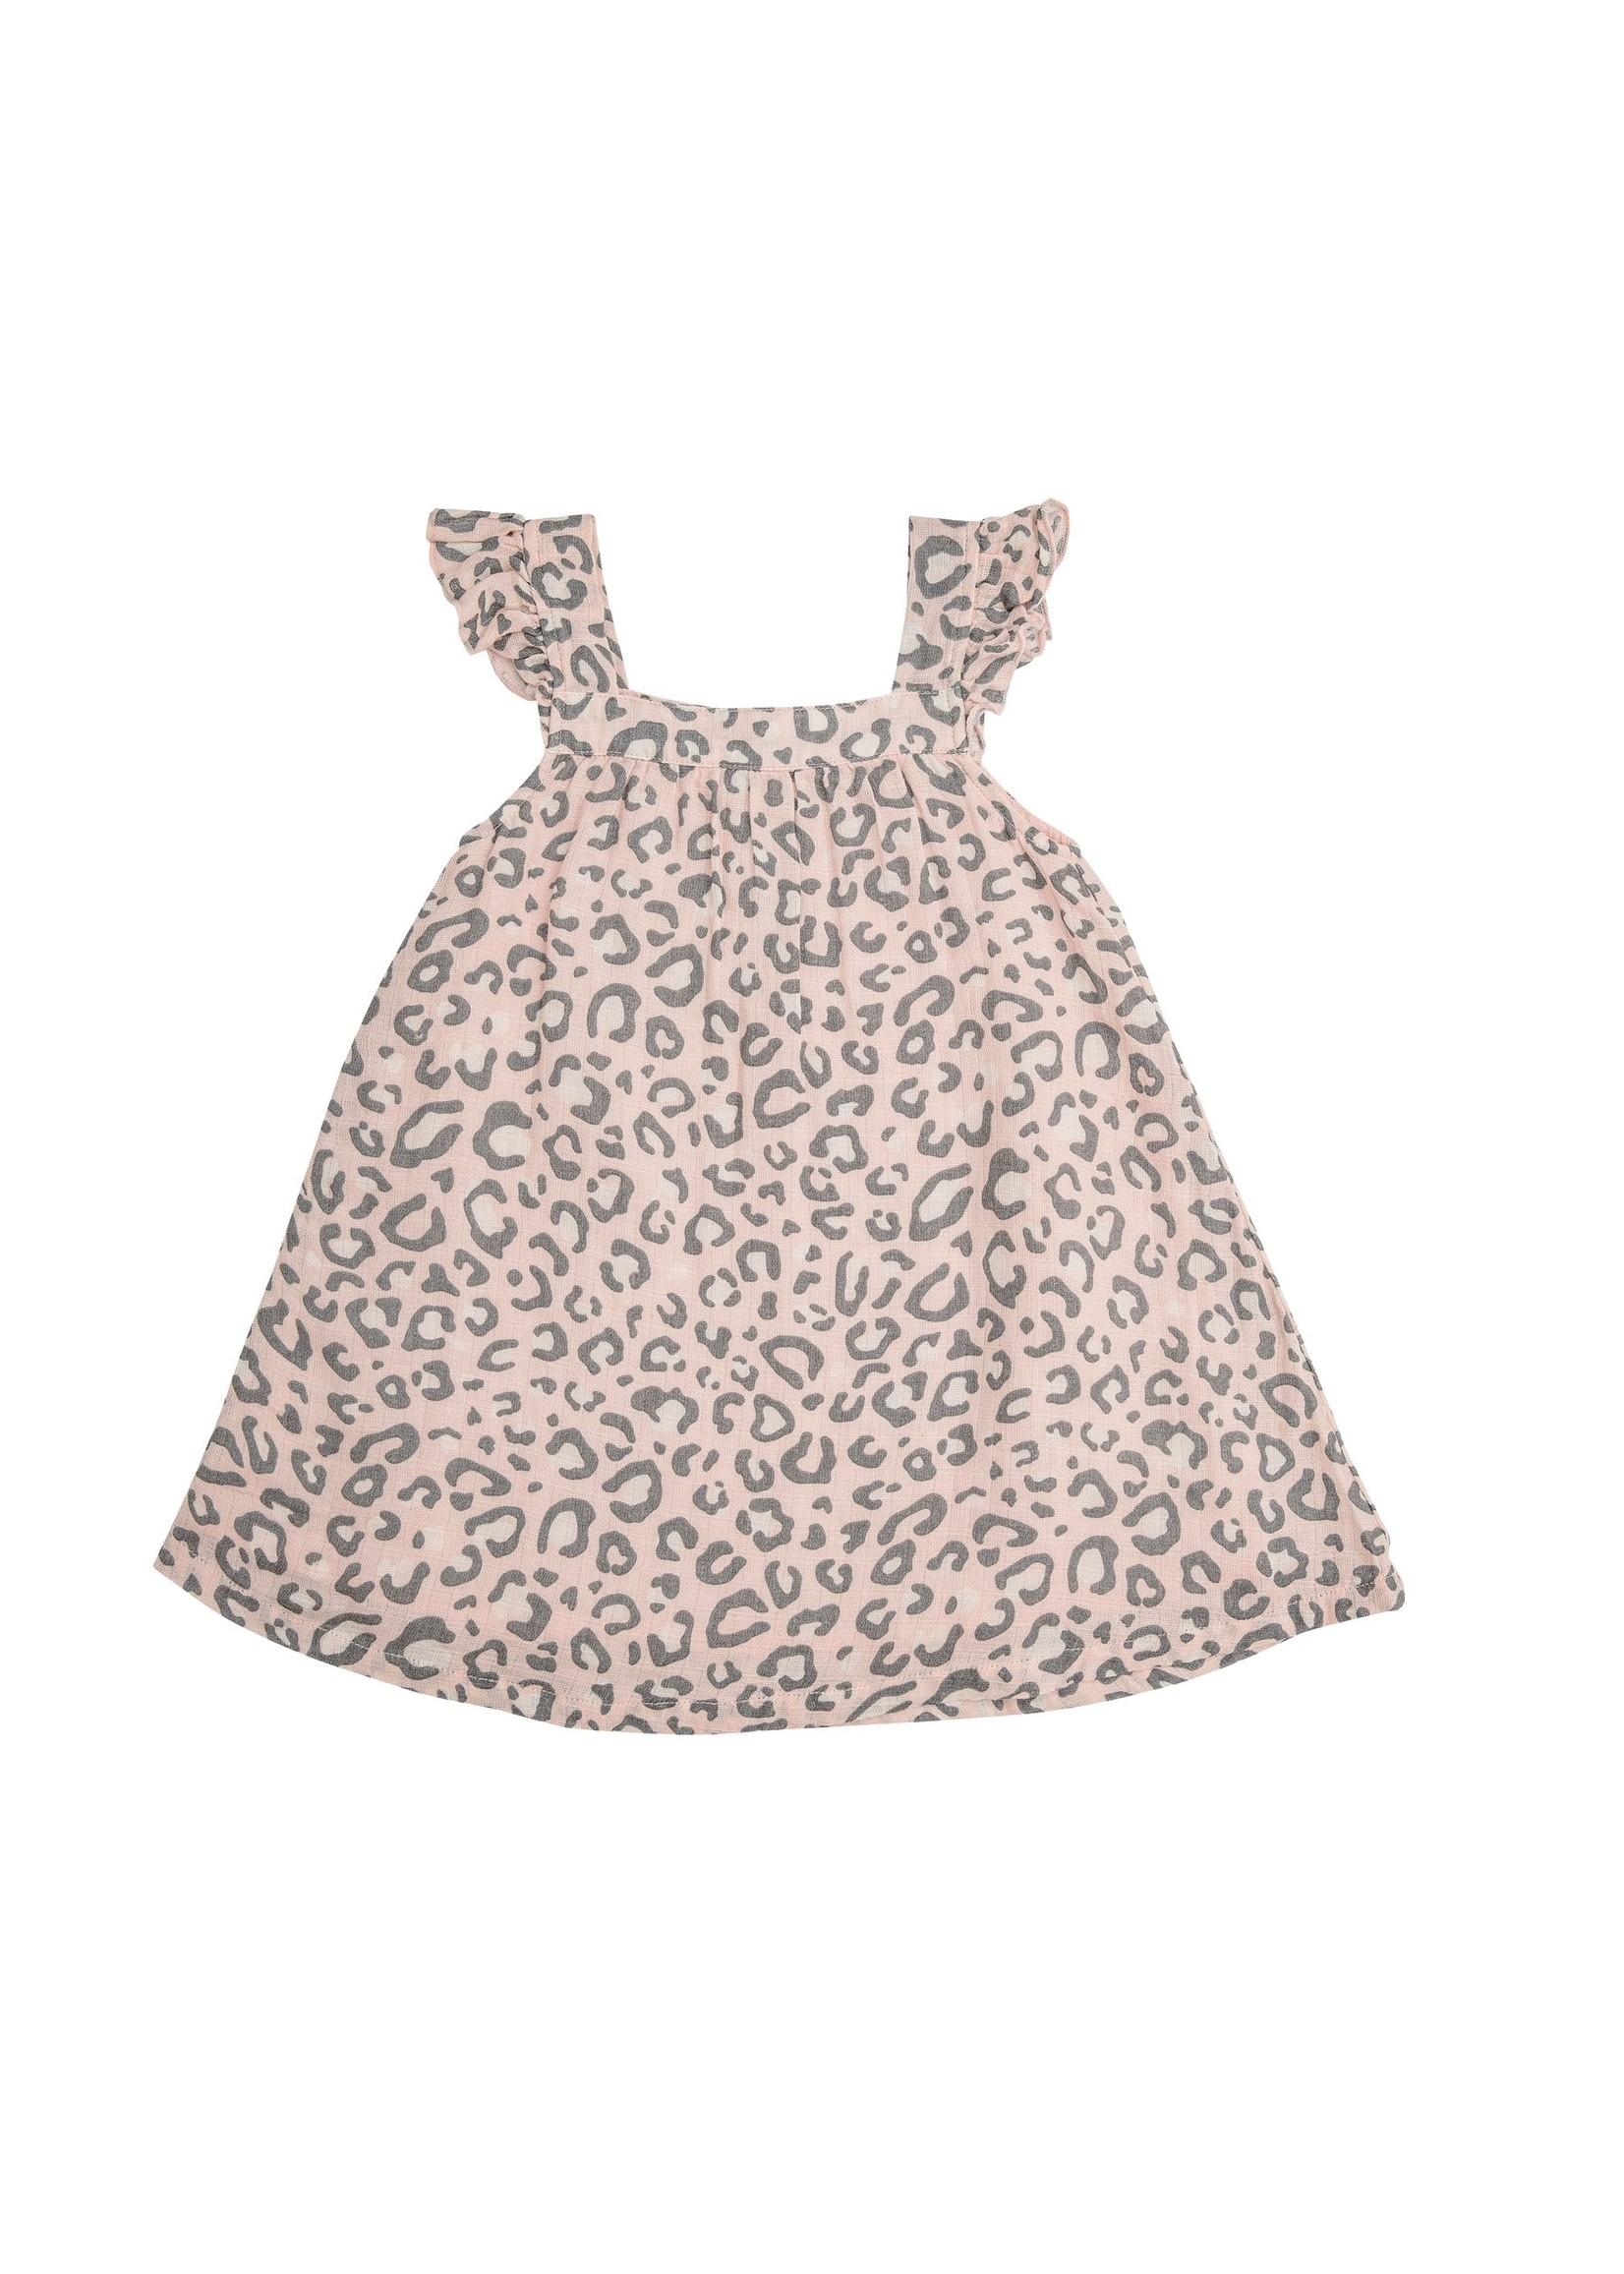 Angel Dear Leopard Sundress/Diaper Cover Pink